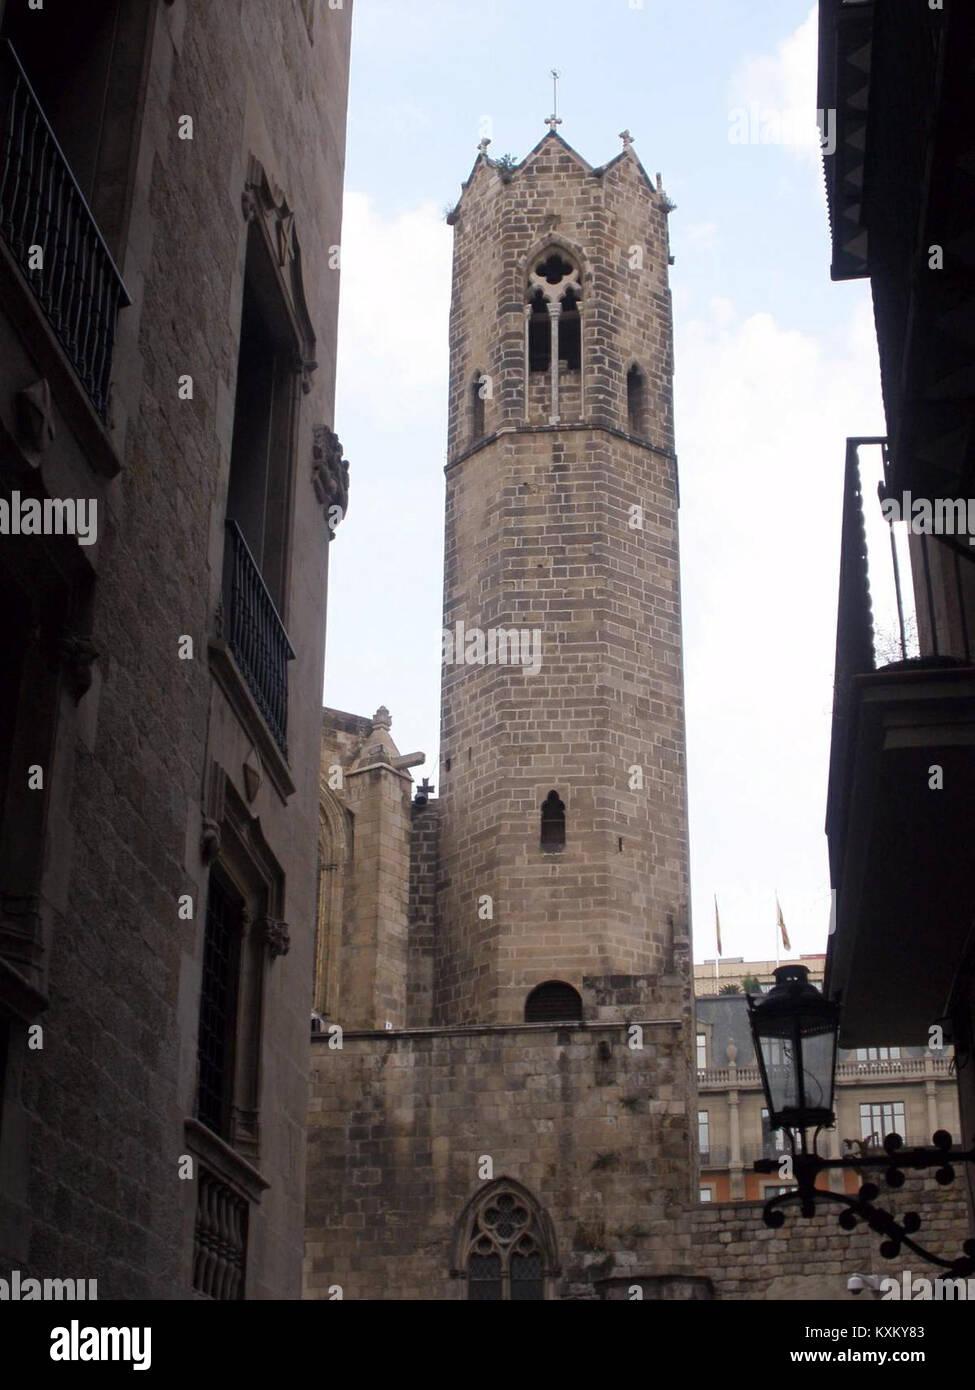 Barcelona - Palau Reial Major, Capella de Santa Àgata 02 - Stock Image